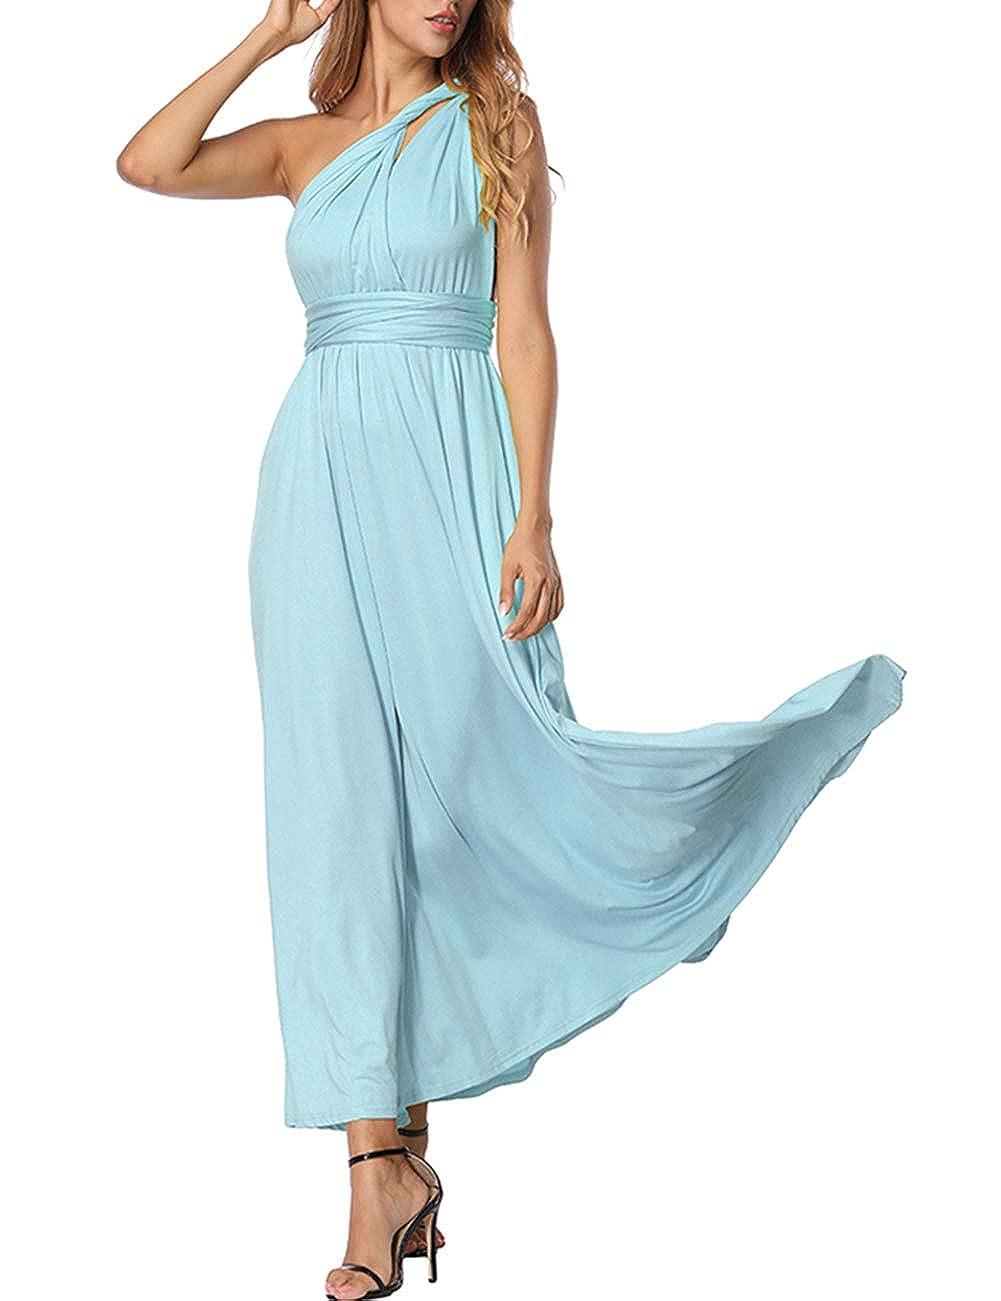 TALLA L(ES 44-46). FeelinGirl Mujer Vestido Maxi Convertible Espalda Decubierta Cóctel Multiposicion Tirantes Multi-Manera Largo Falda para Fiesta Ceremonia Sexy y Elegante Azul Claro L(ES 44-46)